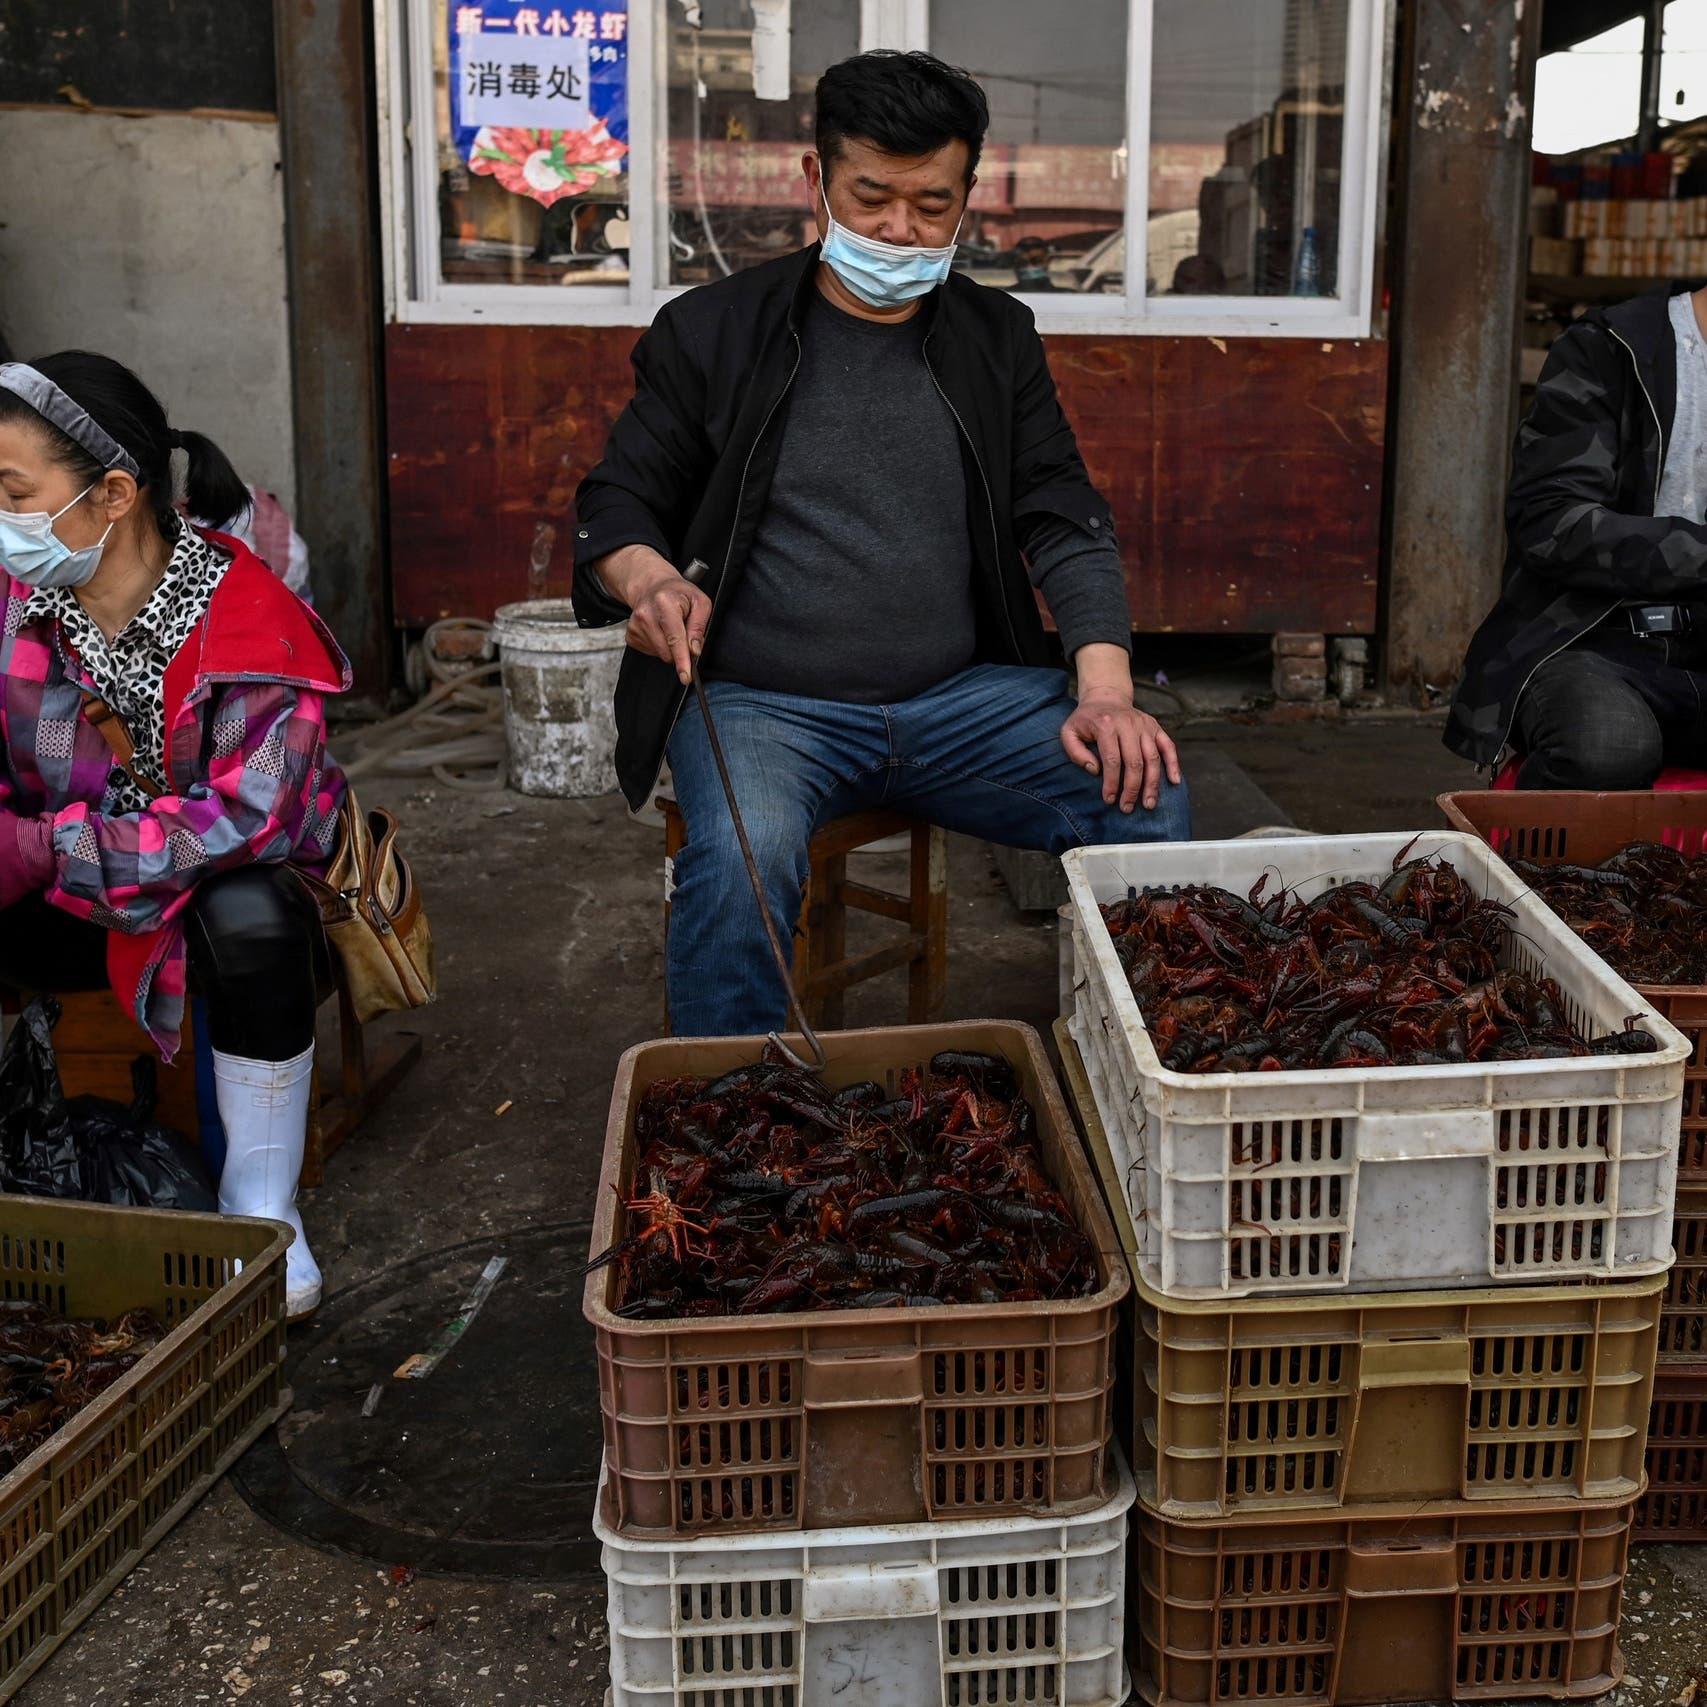 """العالم يبحث عن مصدر كورونا.. وبكين تتبرأ """"كنا شفافين"""""""